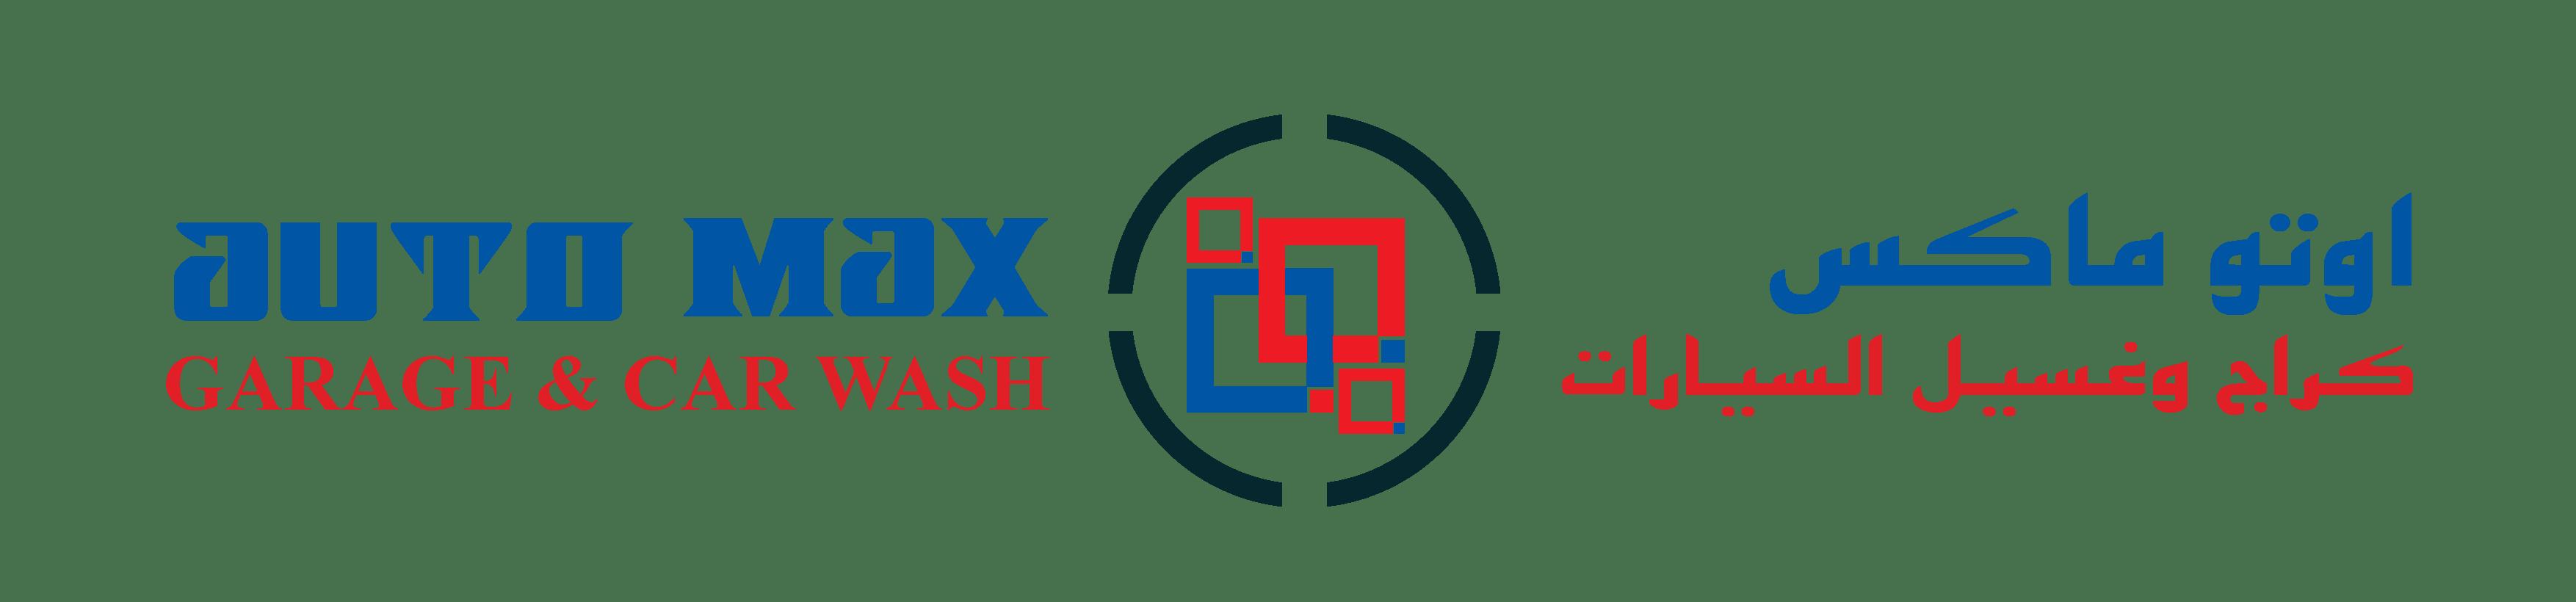 AUTO MAX GARAGE QATAR